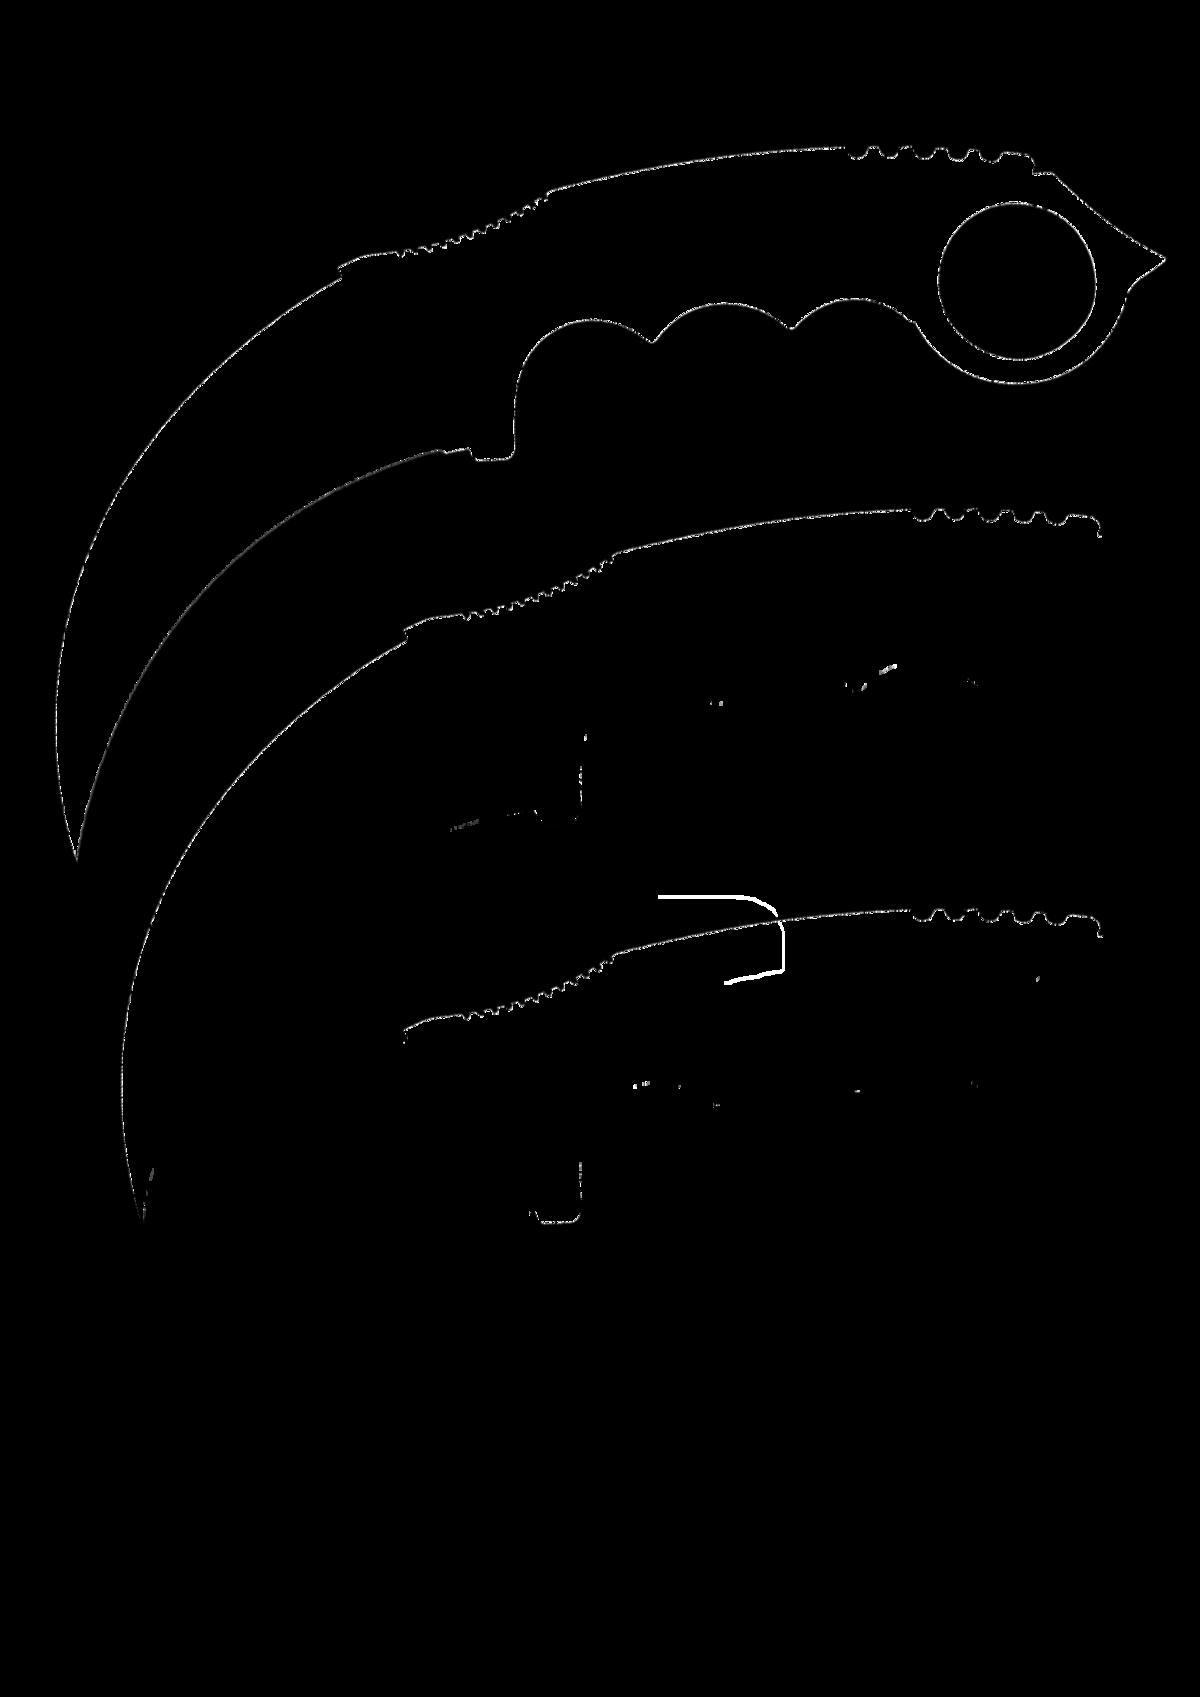 картинки керамбита для выпиливания лобзиком из фанеры байкалова современный